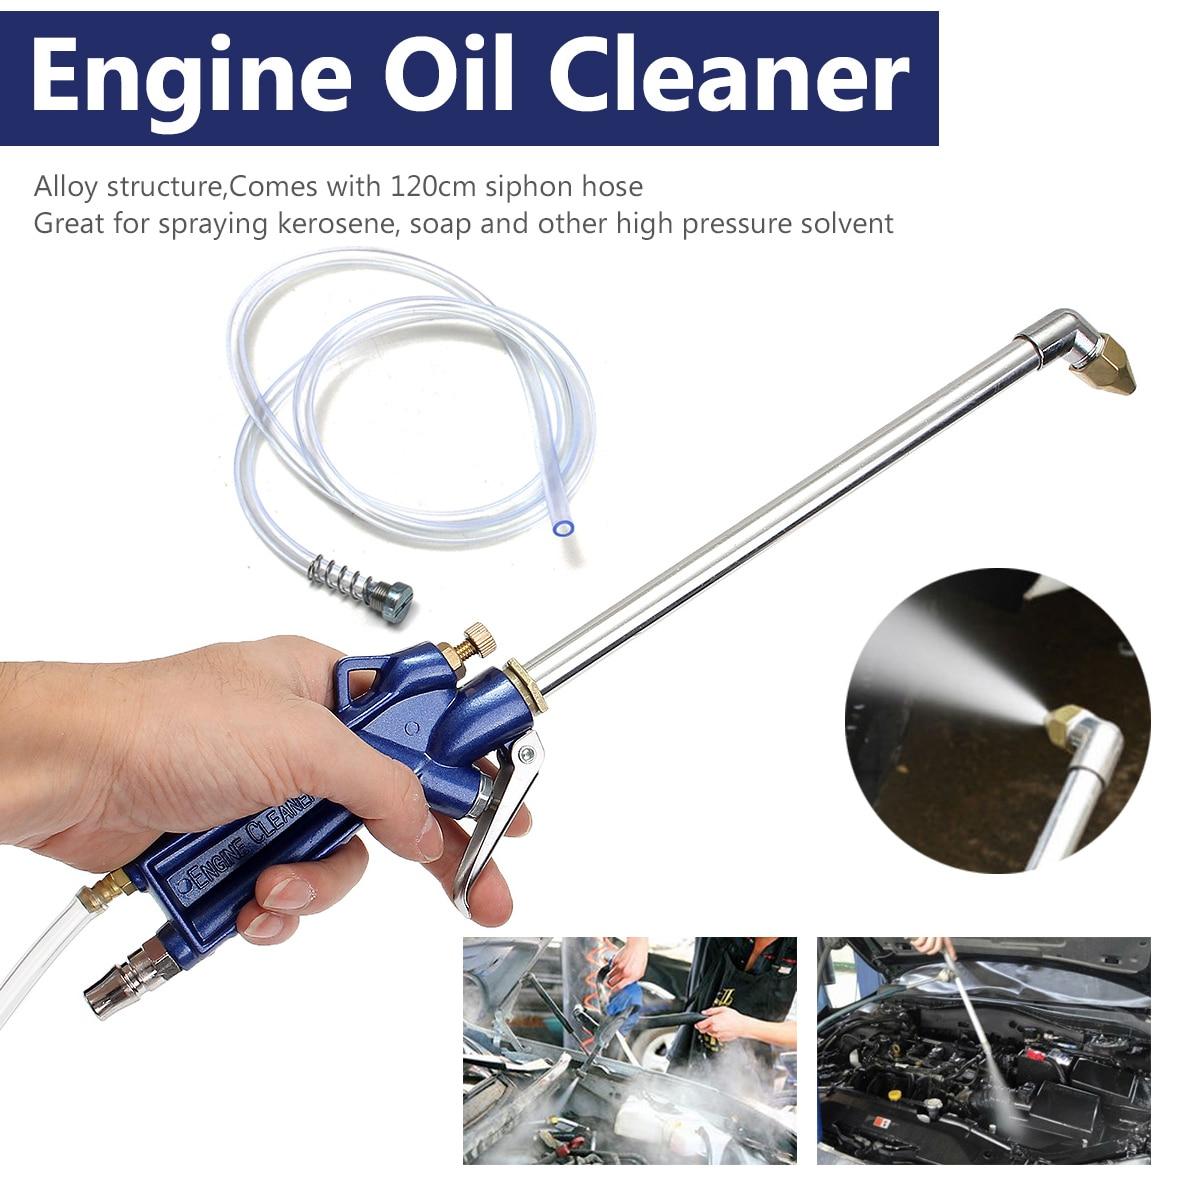 400mm Ferramenta de Limpeza Do Óleo Do Motor Do Carro Auto Água Arma De Limpeza Pneumático Ferramenta com 120 cm Mangueira Liga de Peças de Máquinas motor Cuidados